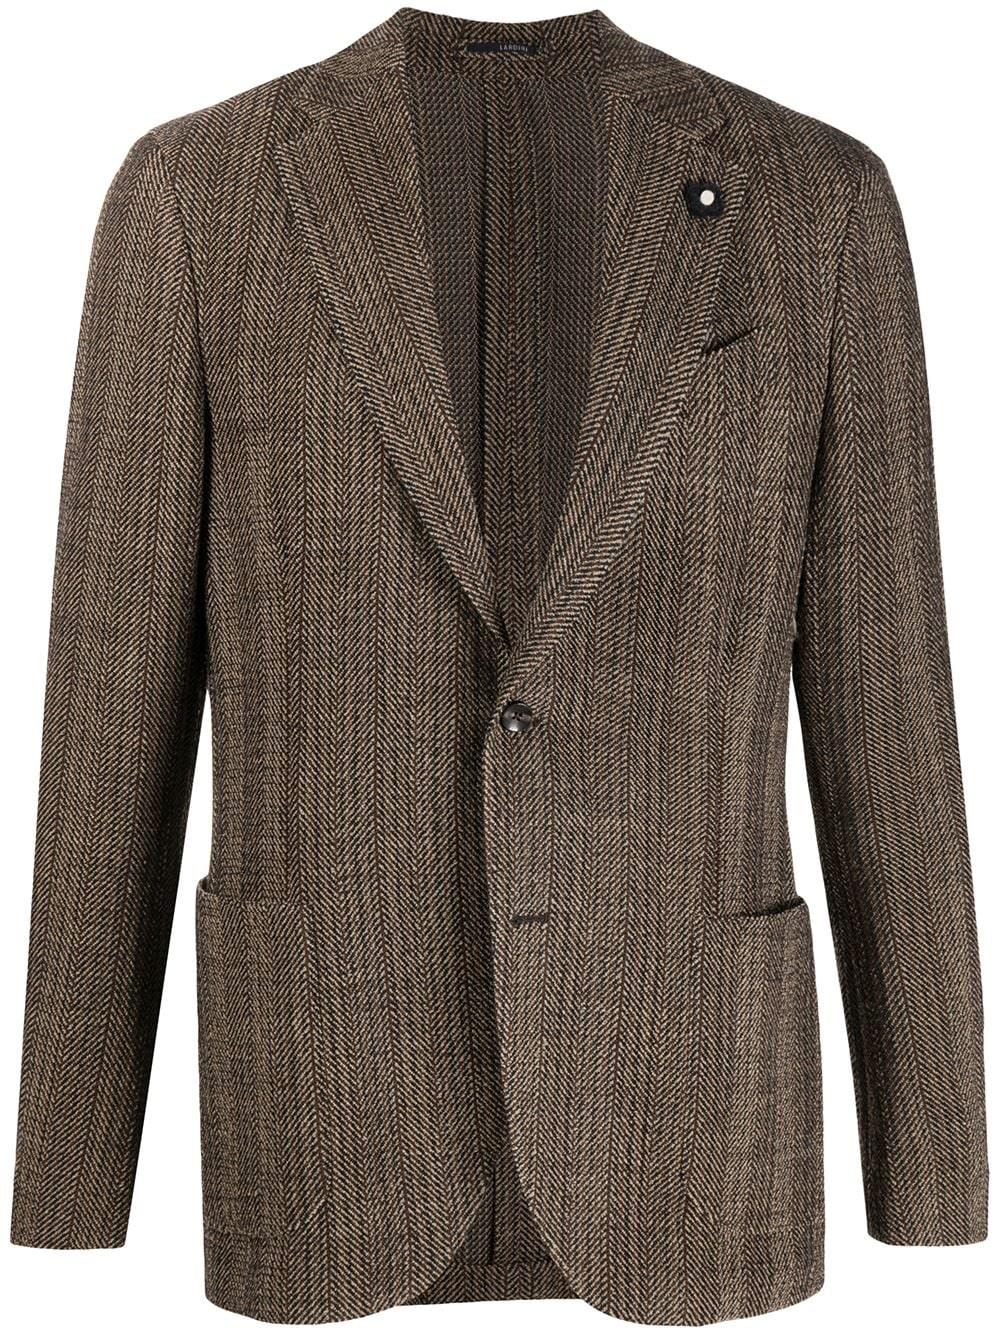 LARDINI Knitted Suit Jacket